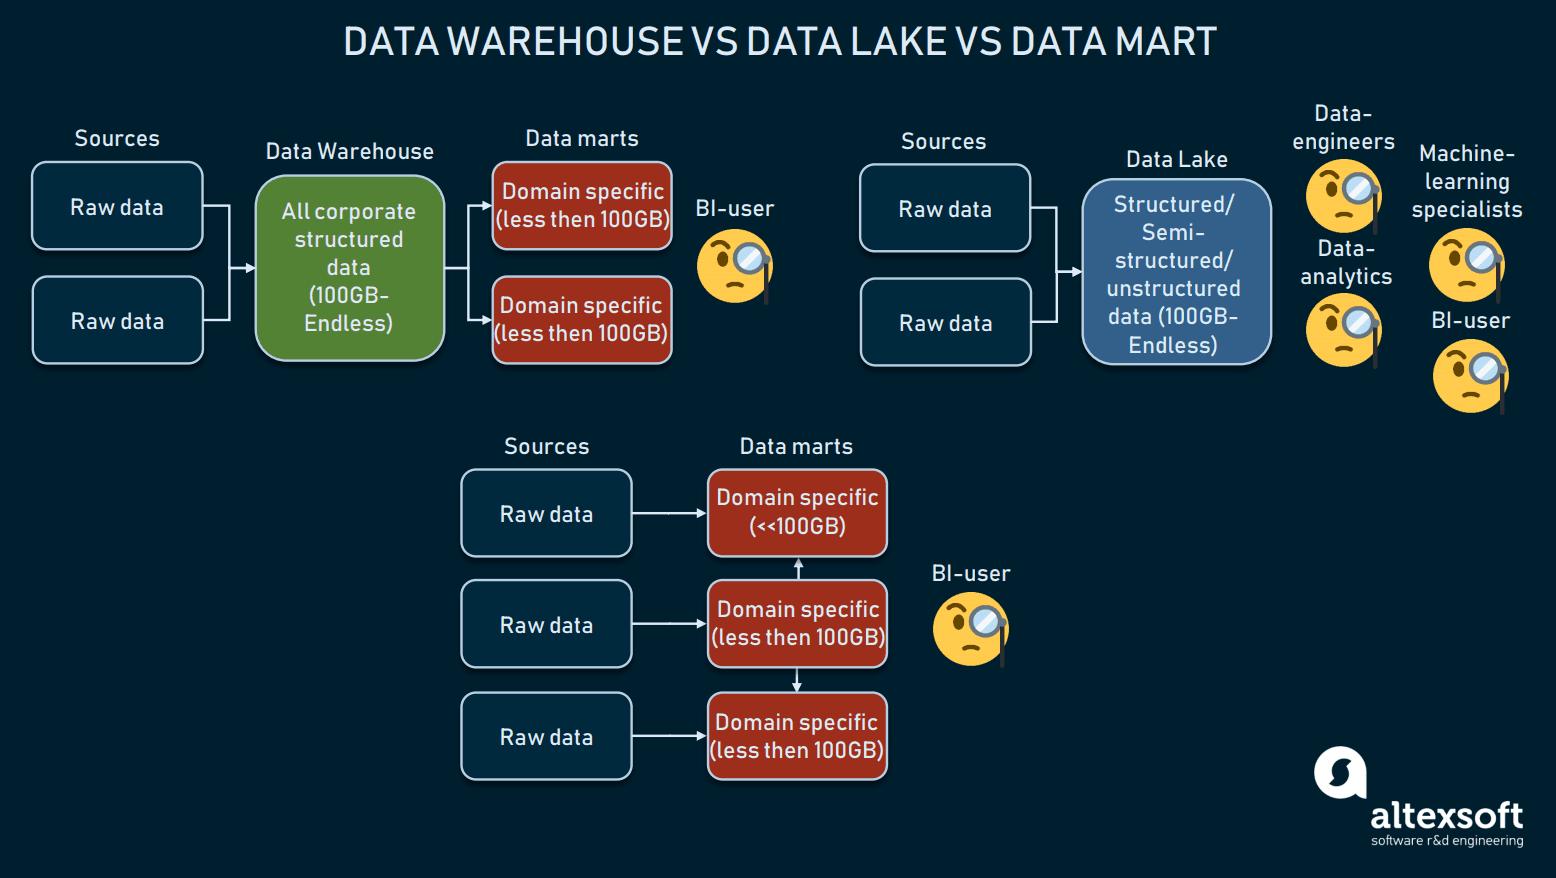 Data warehouse vs data lake vs data mart